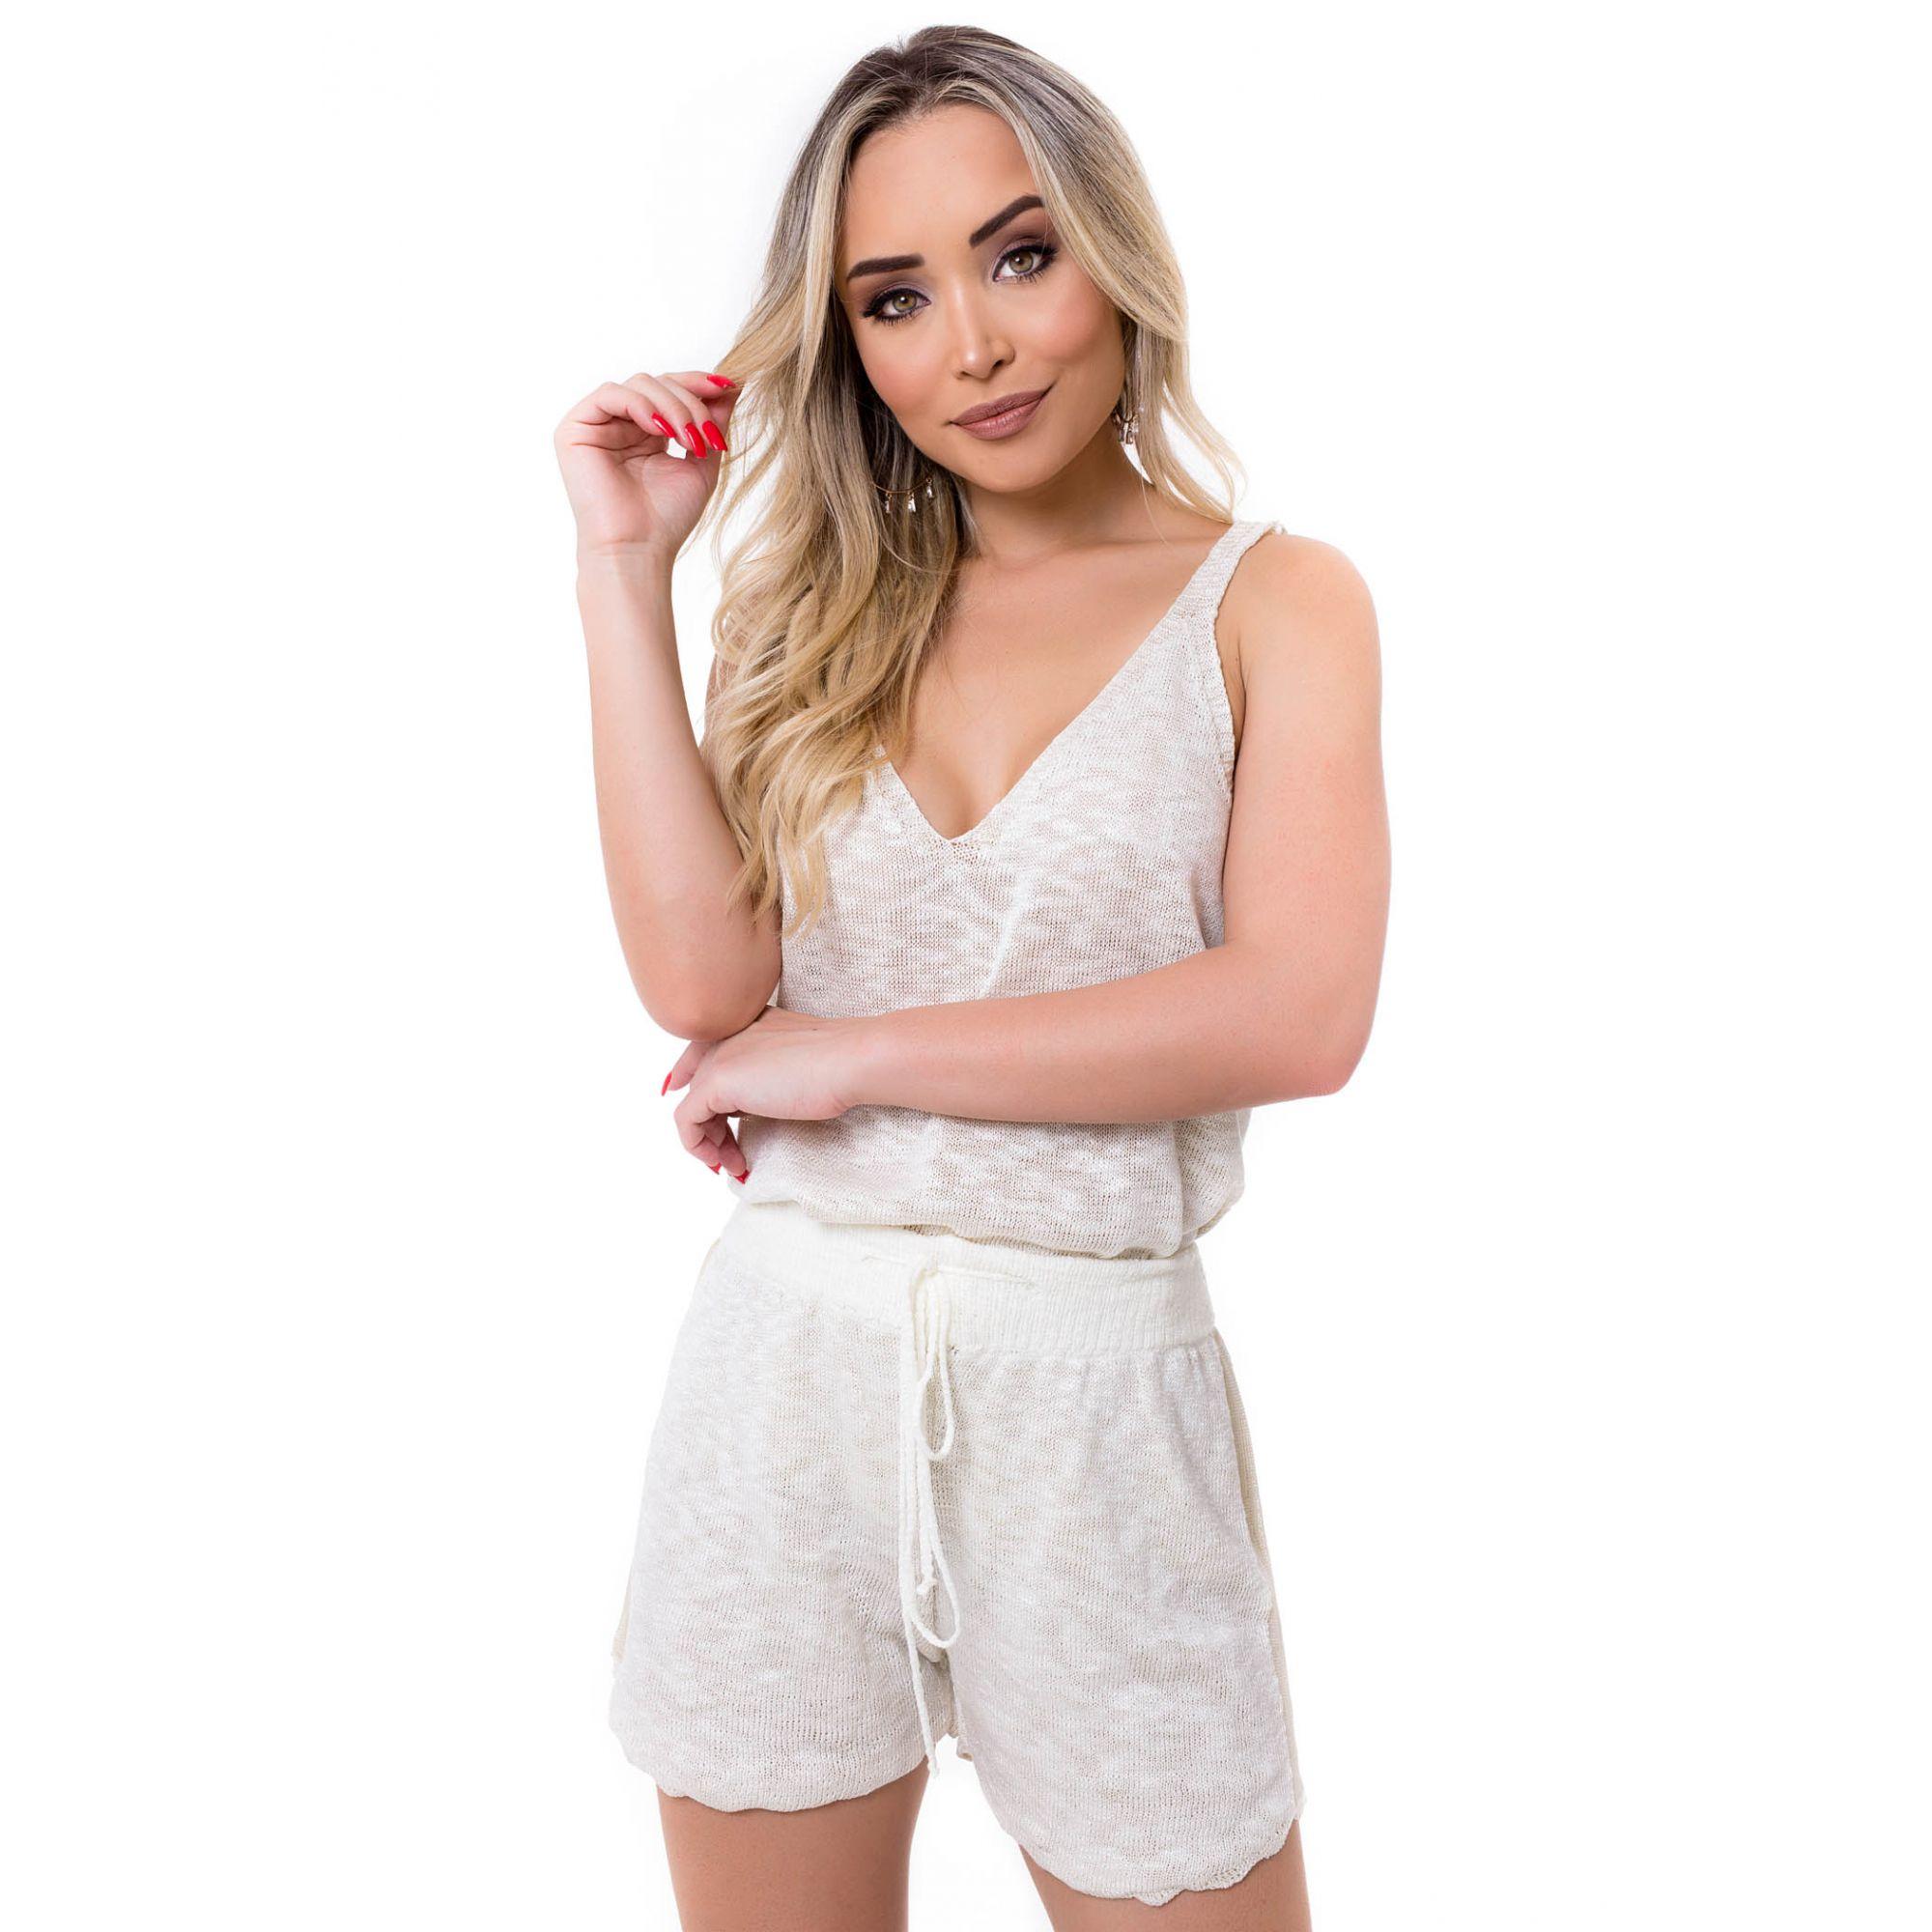 Blusa Regata Vera Tricot Decote V Feminino Off White